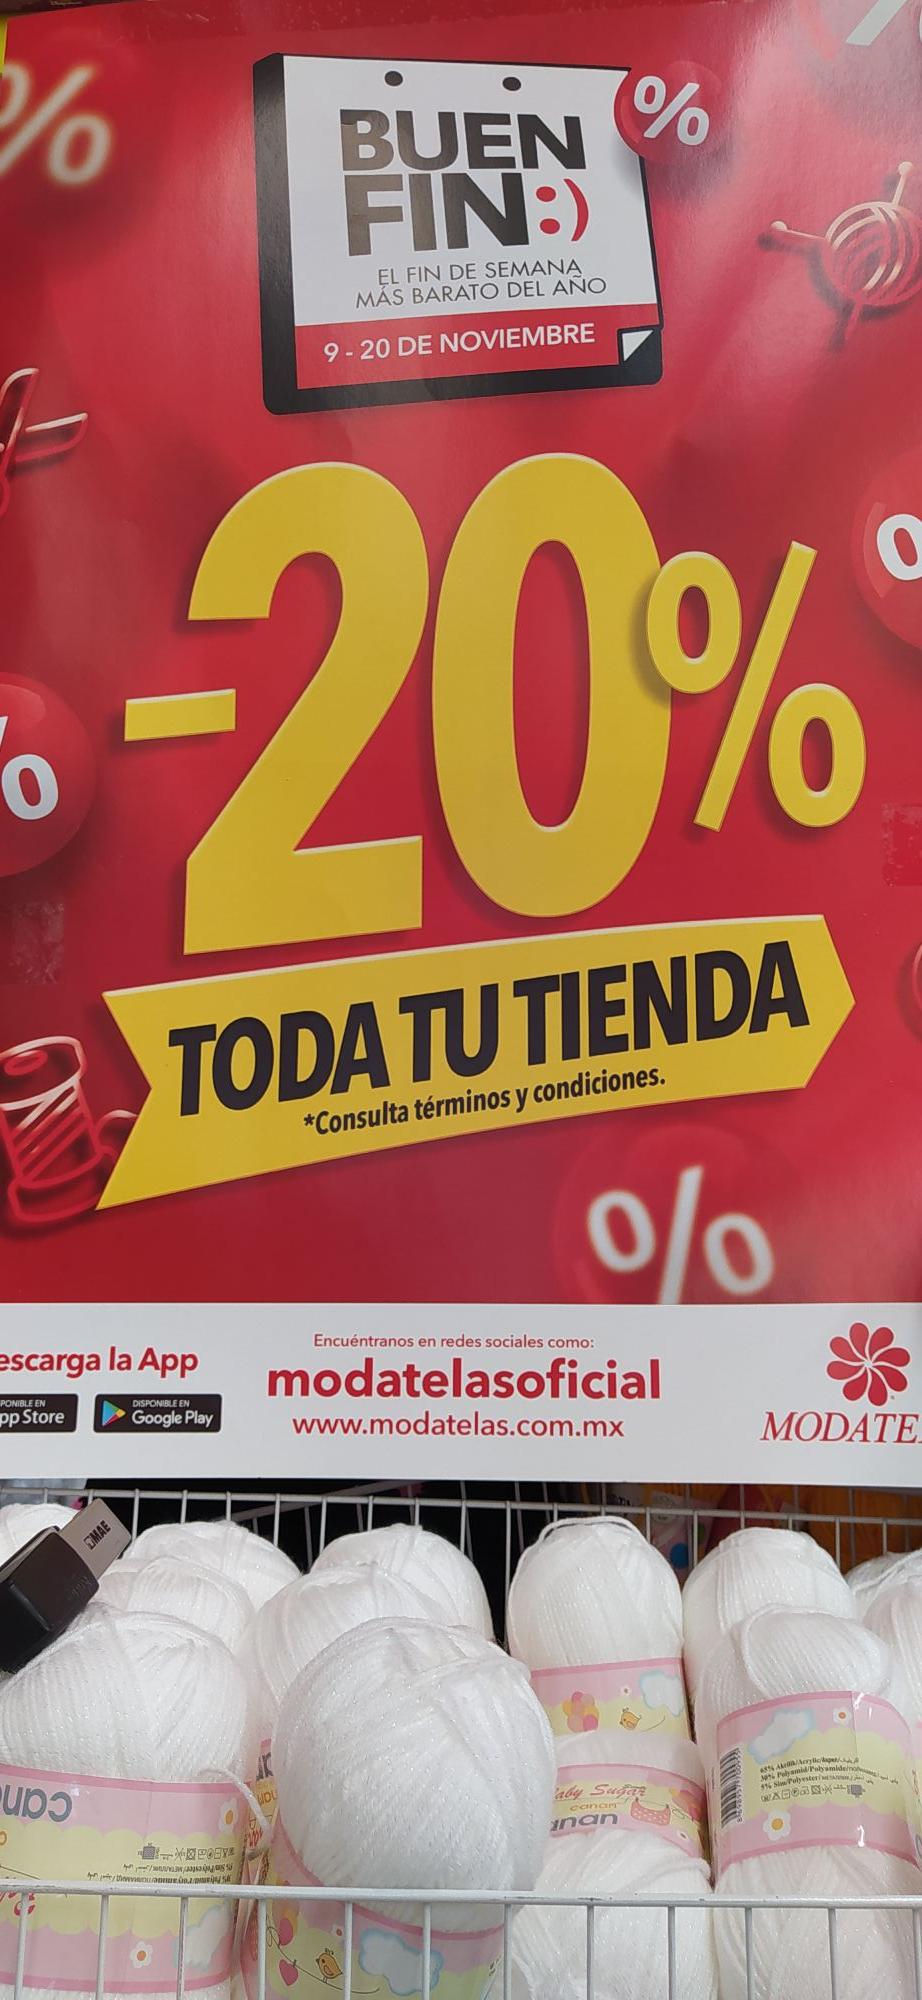 Buen Fin Modatelas: -20% de Descuento en toda la Tienda